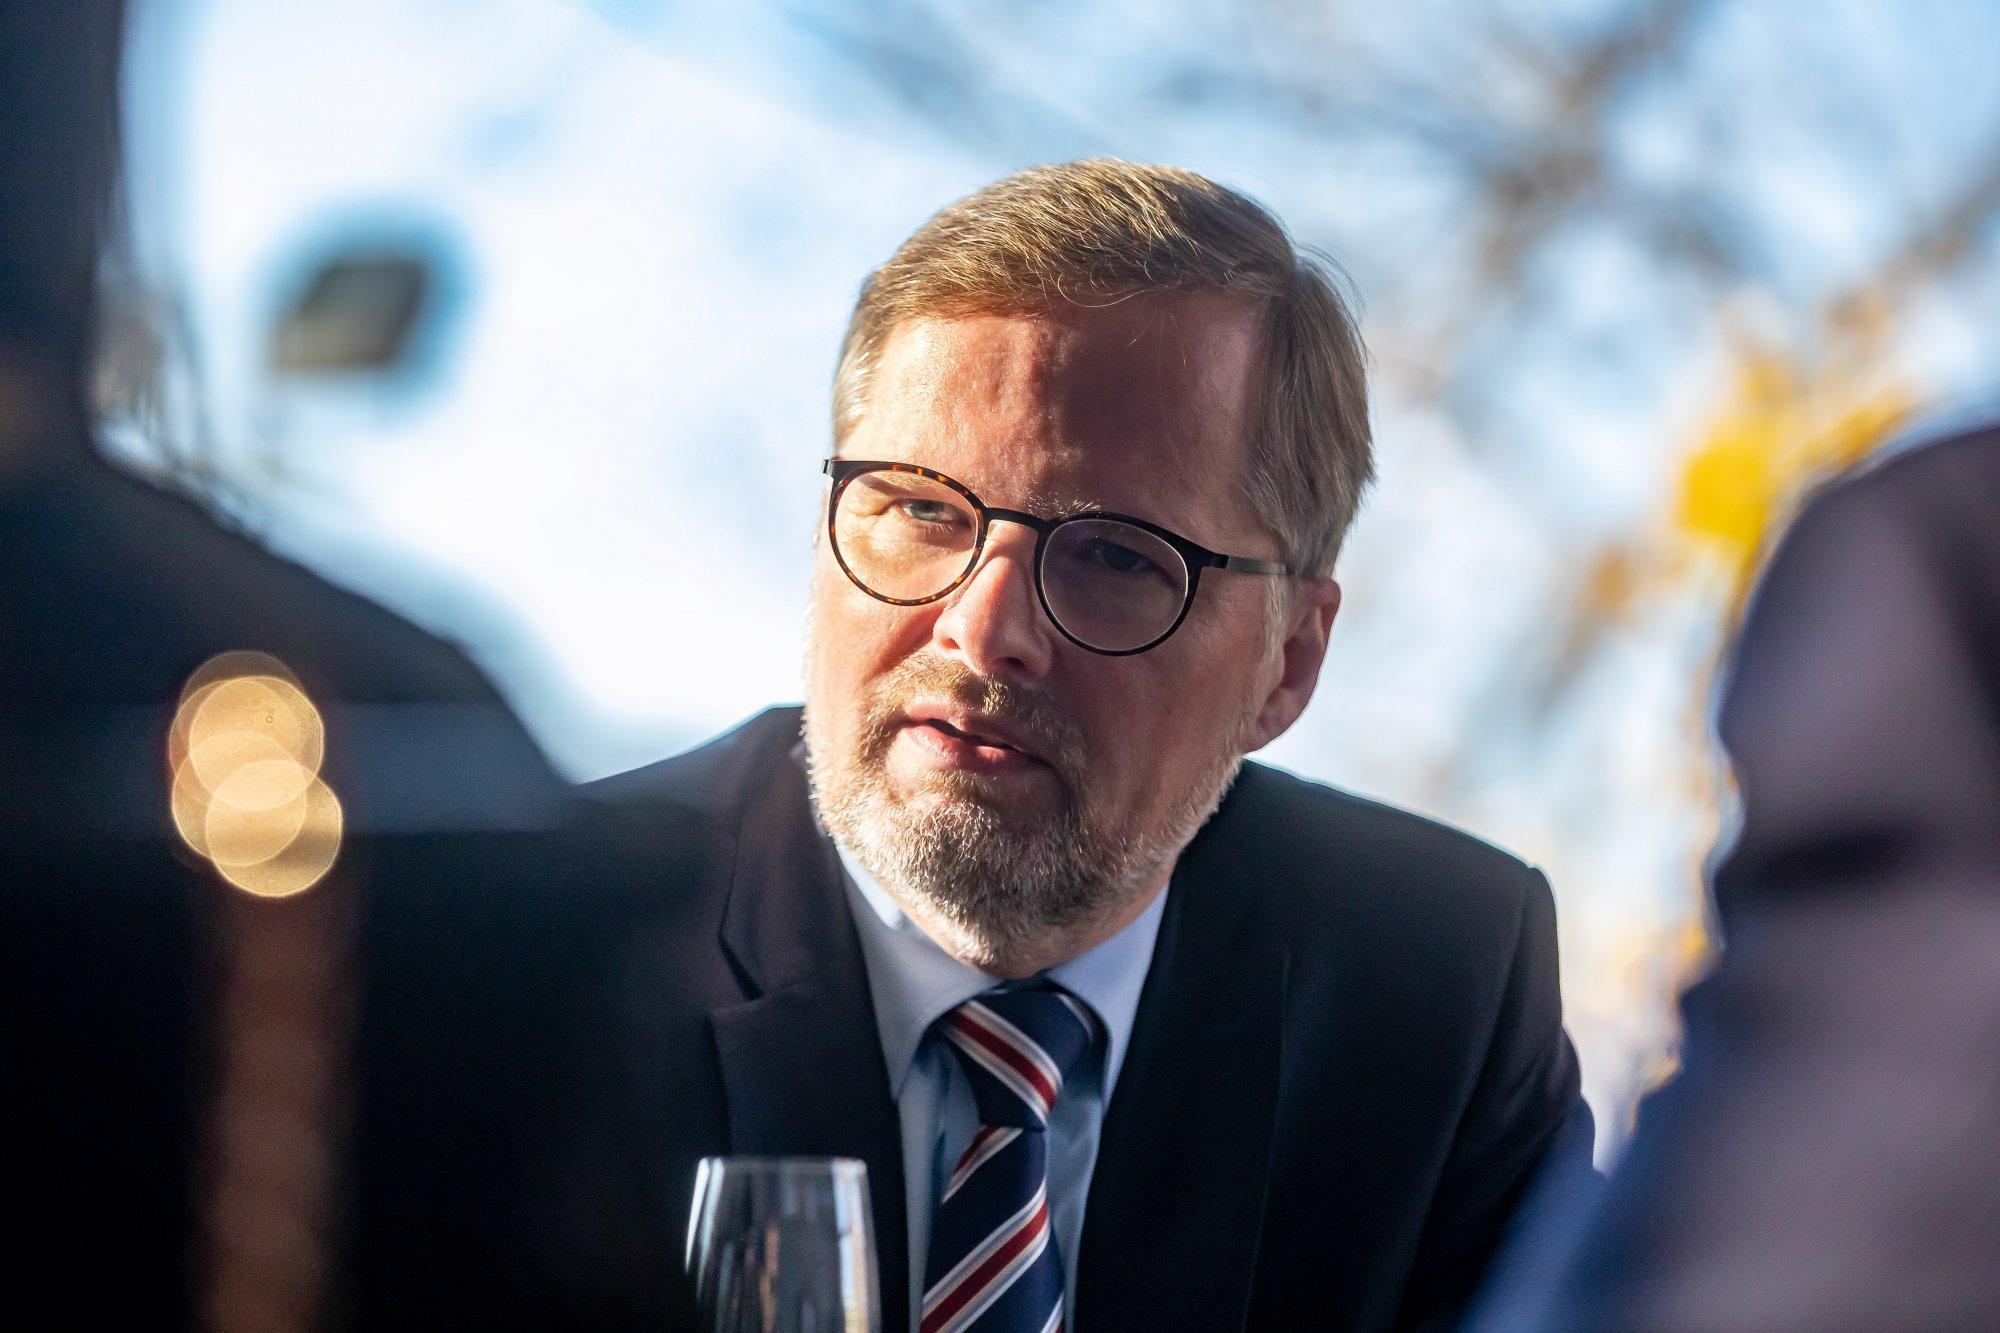 Petr Fiala: V normální situaci by už ANO vyměnilo premiéra. Každý soudný člověk by to uvítal